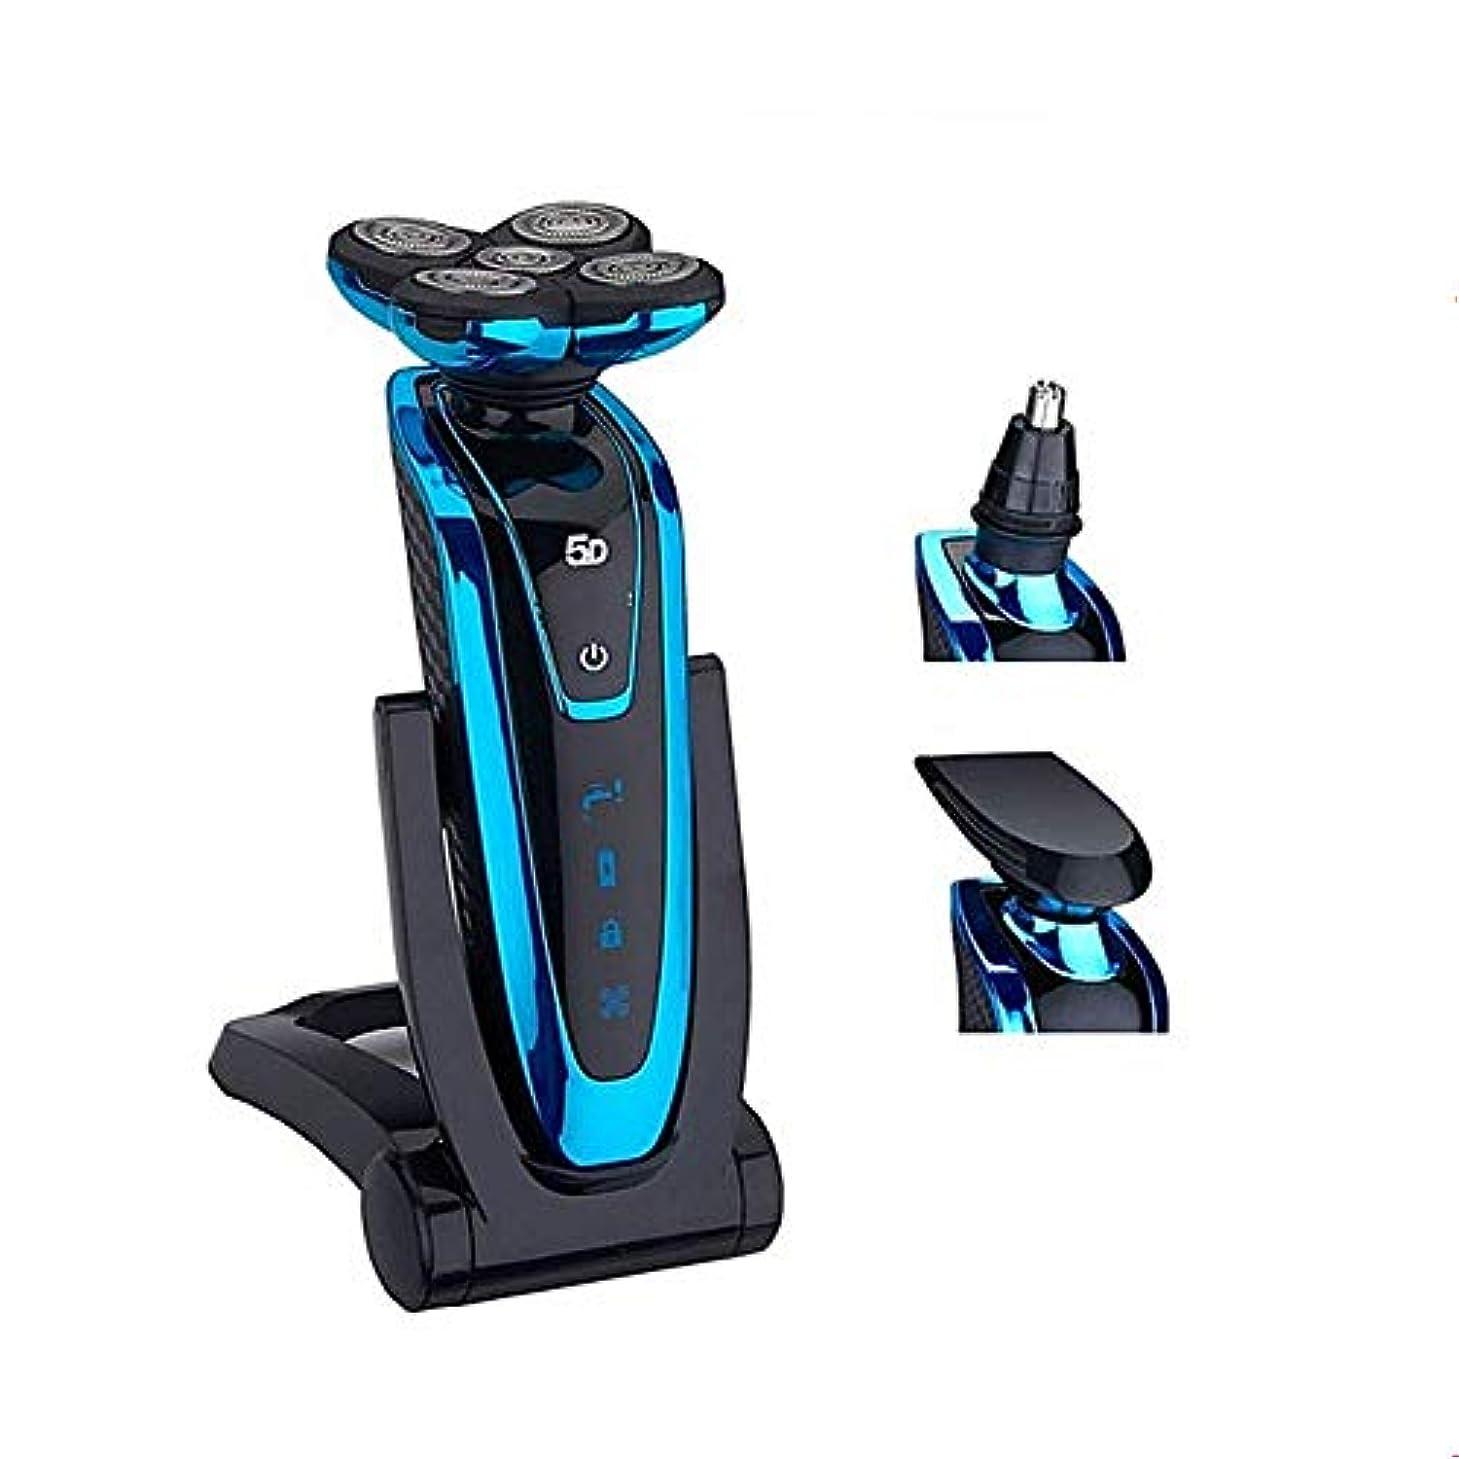 解明する療法科学的yangdi 男性用ウェット/ドライ5dシェーバー電動かみそり充電式ボディシェービングマシン防水ひげシェーバークリーニングブルー2